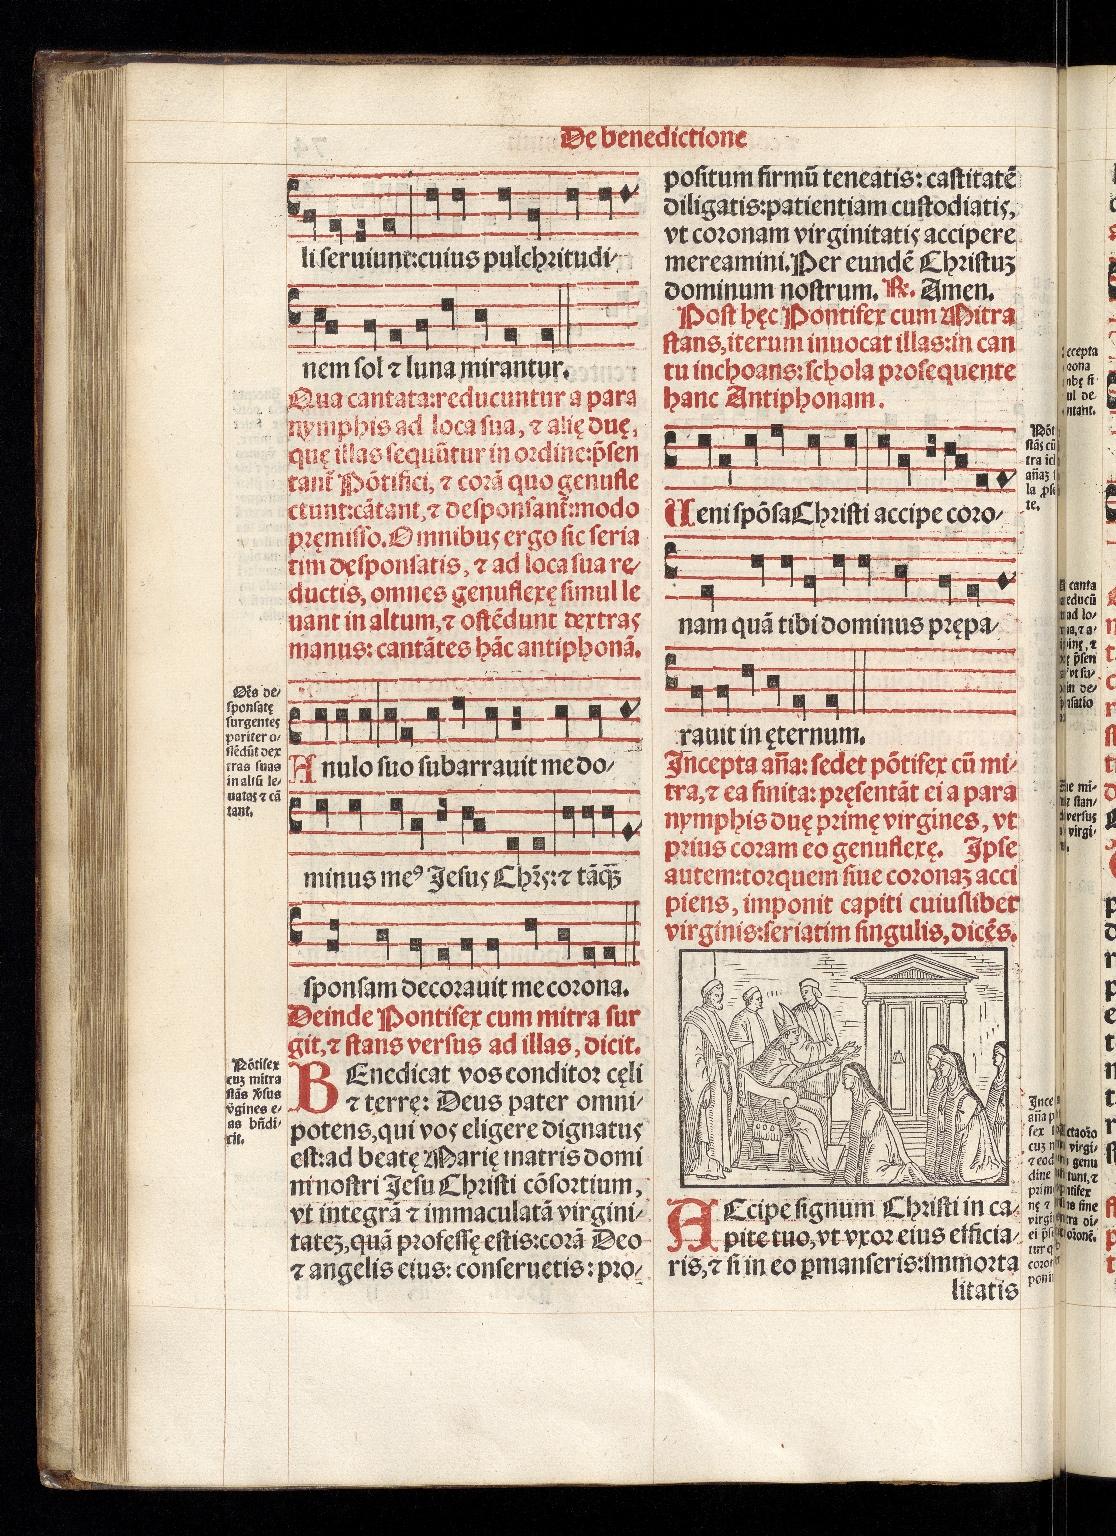 Pontificale Romanum, f.74v